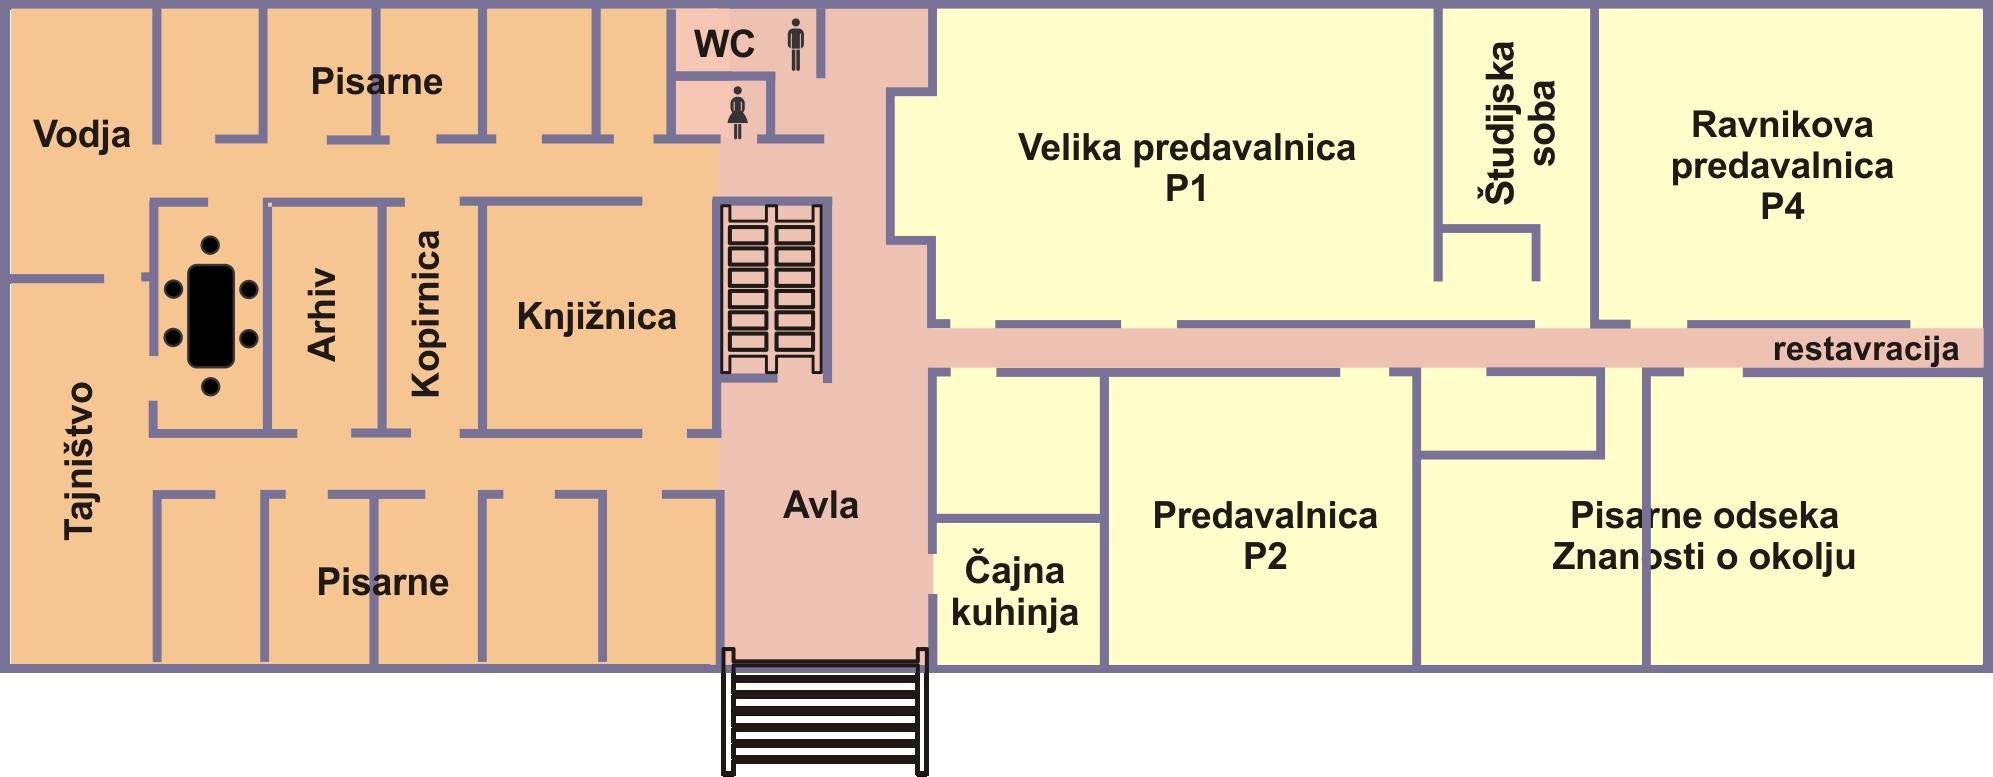 Stavba ICJT pritilčje tloris SLO